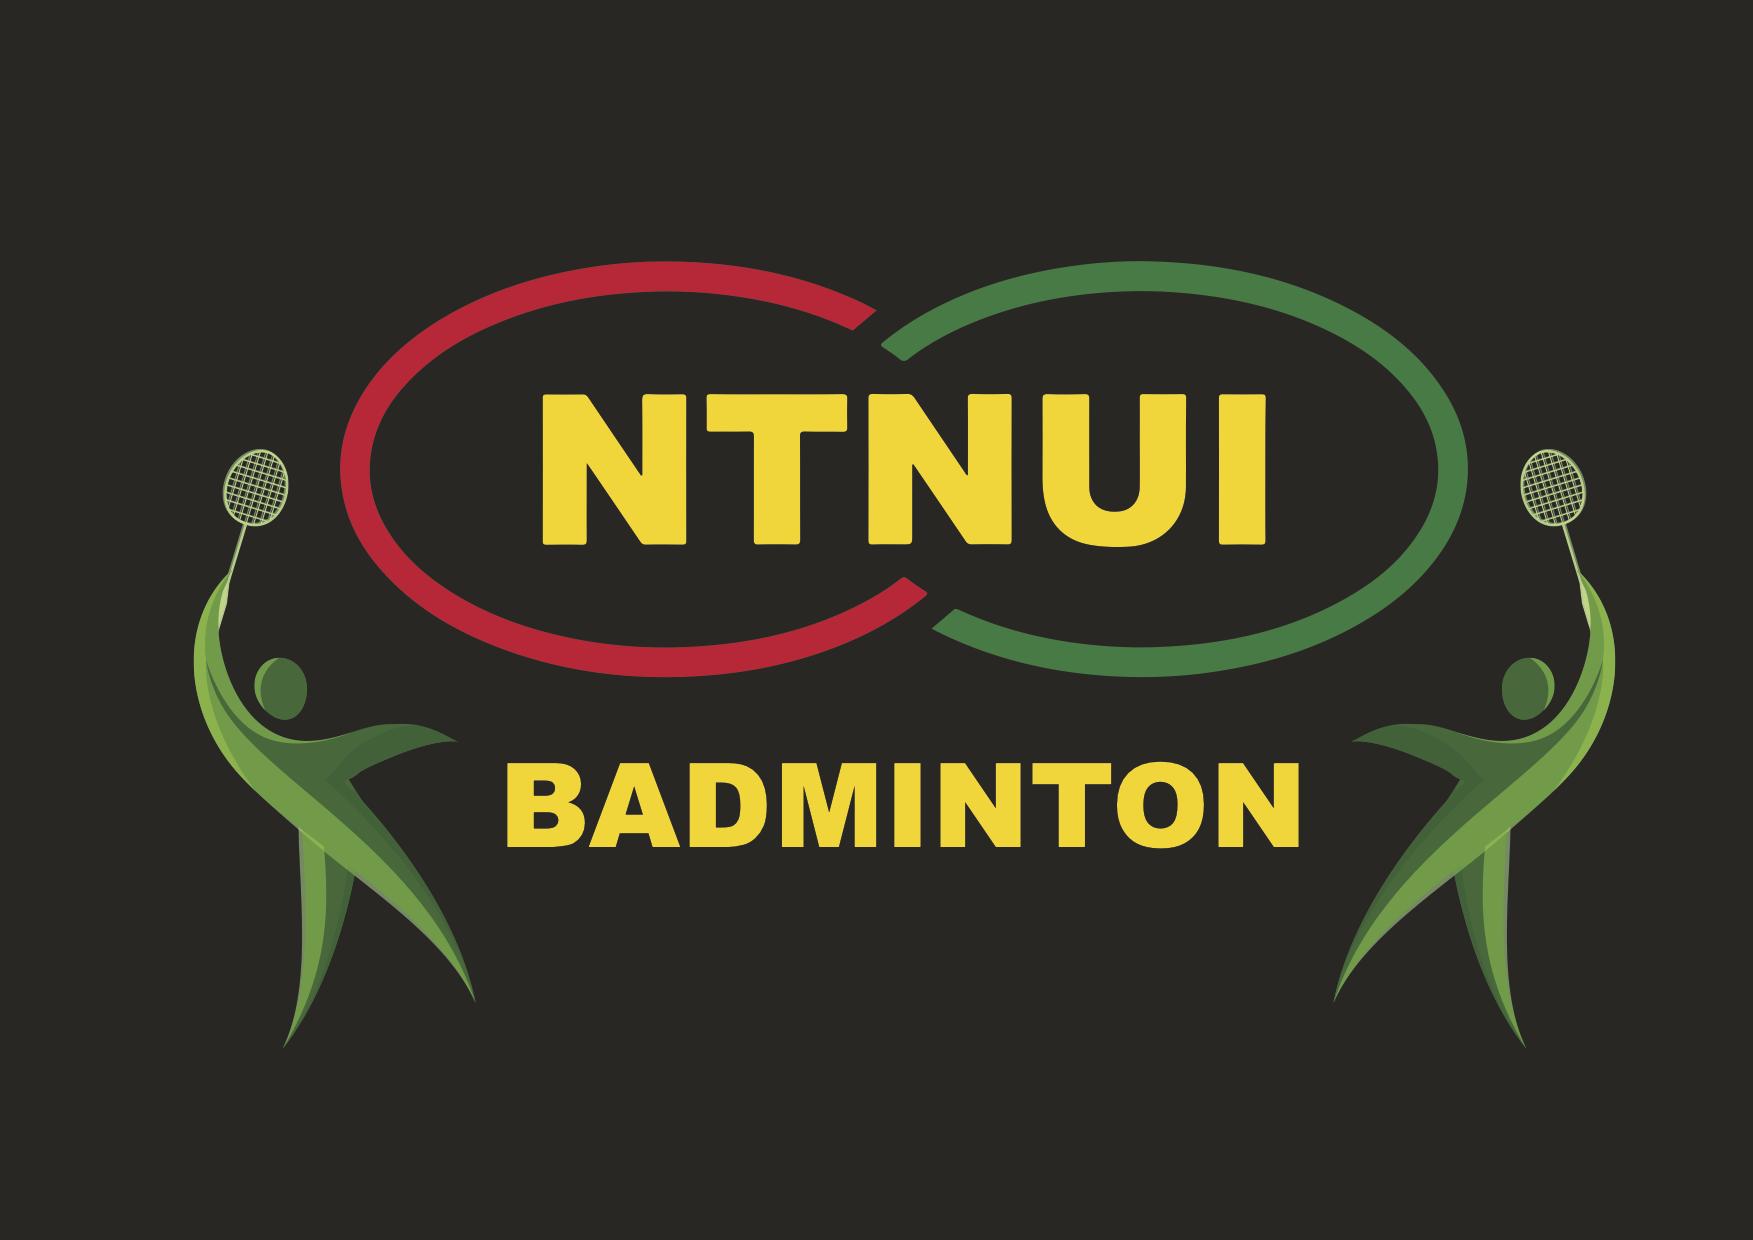 @ntnuibadminton